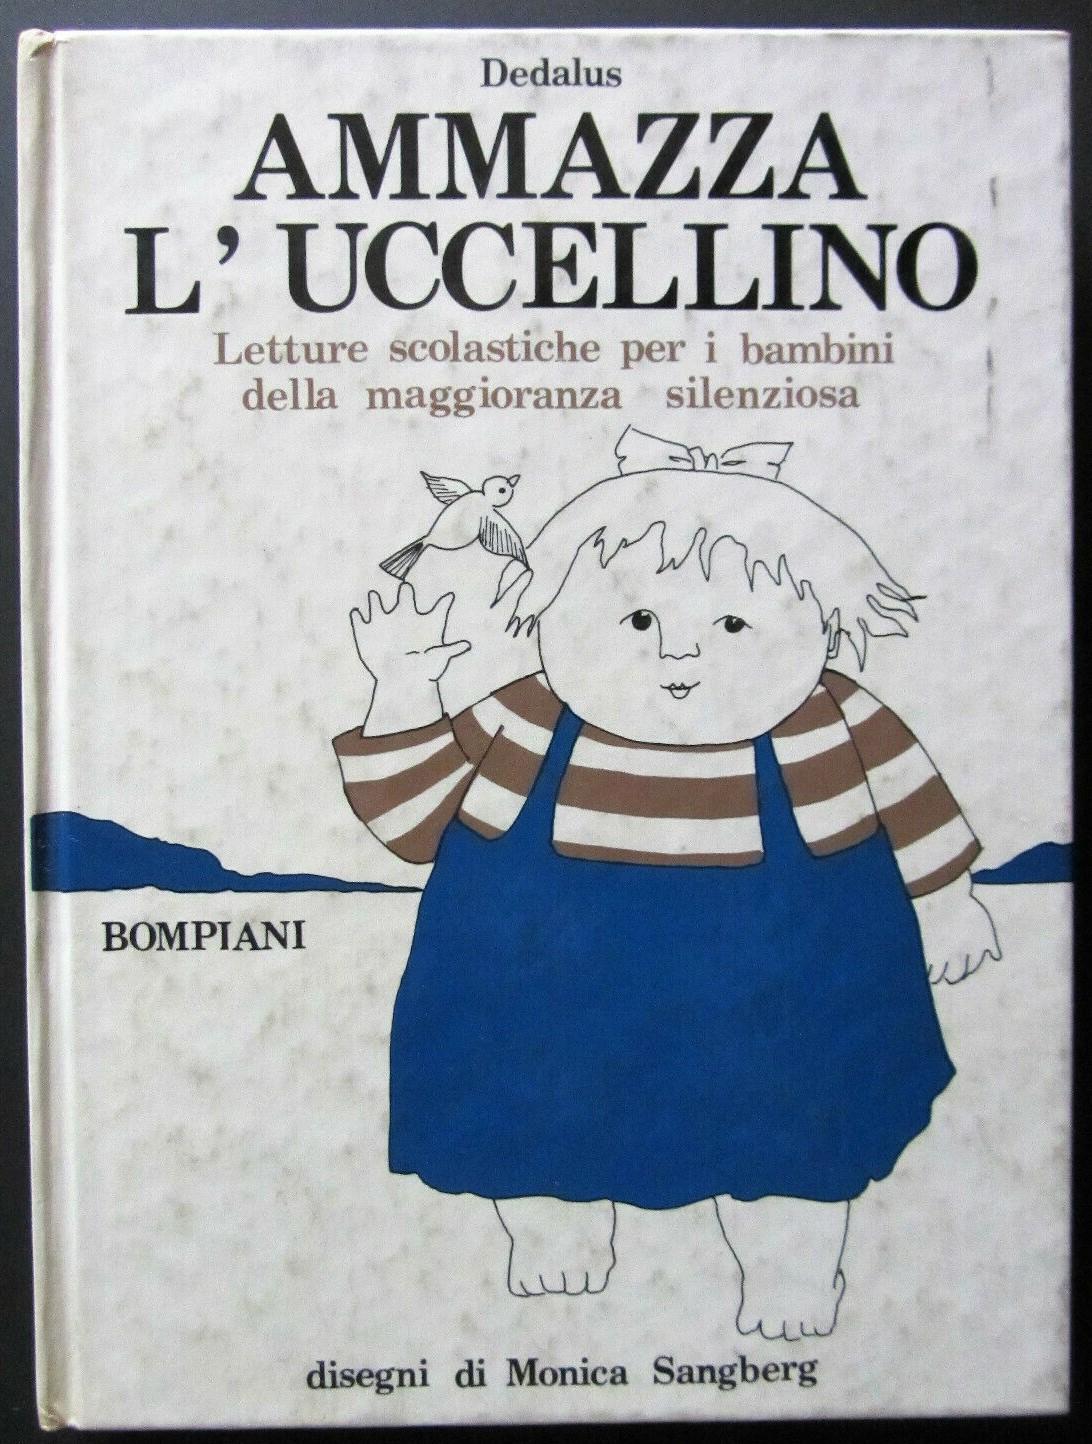 """Dedalus (Umberto Eco) """"Ammazza l'uccellino"""" (Bompiani 1973) prima ed. a 39,50 €, illustrata da Sangberg"""